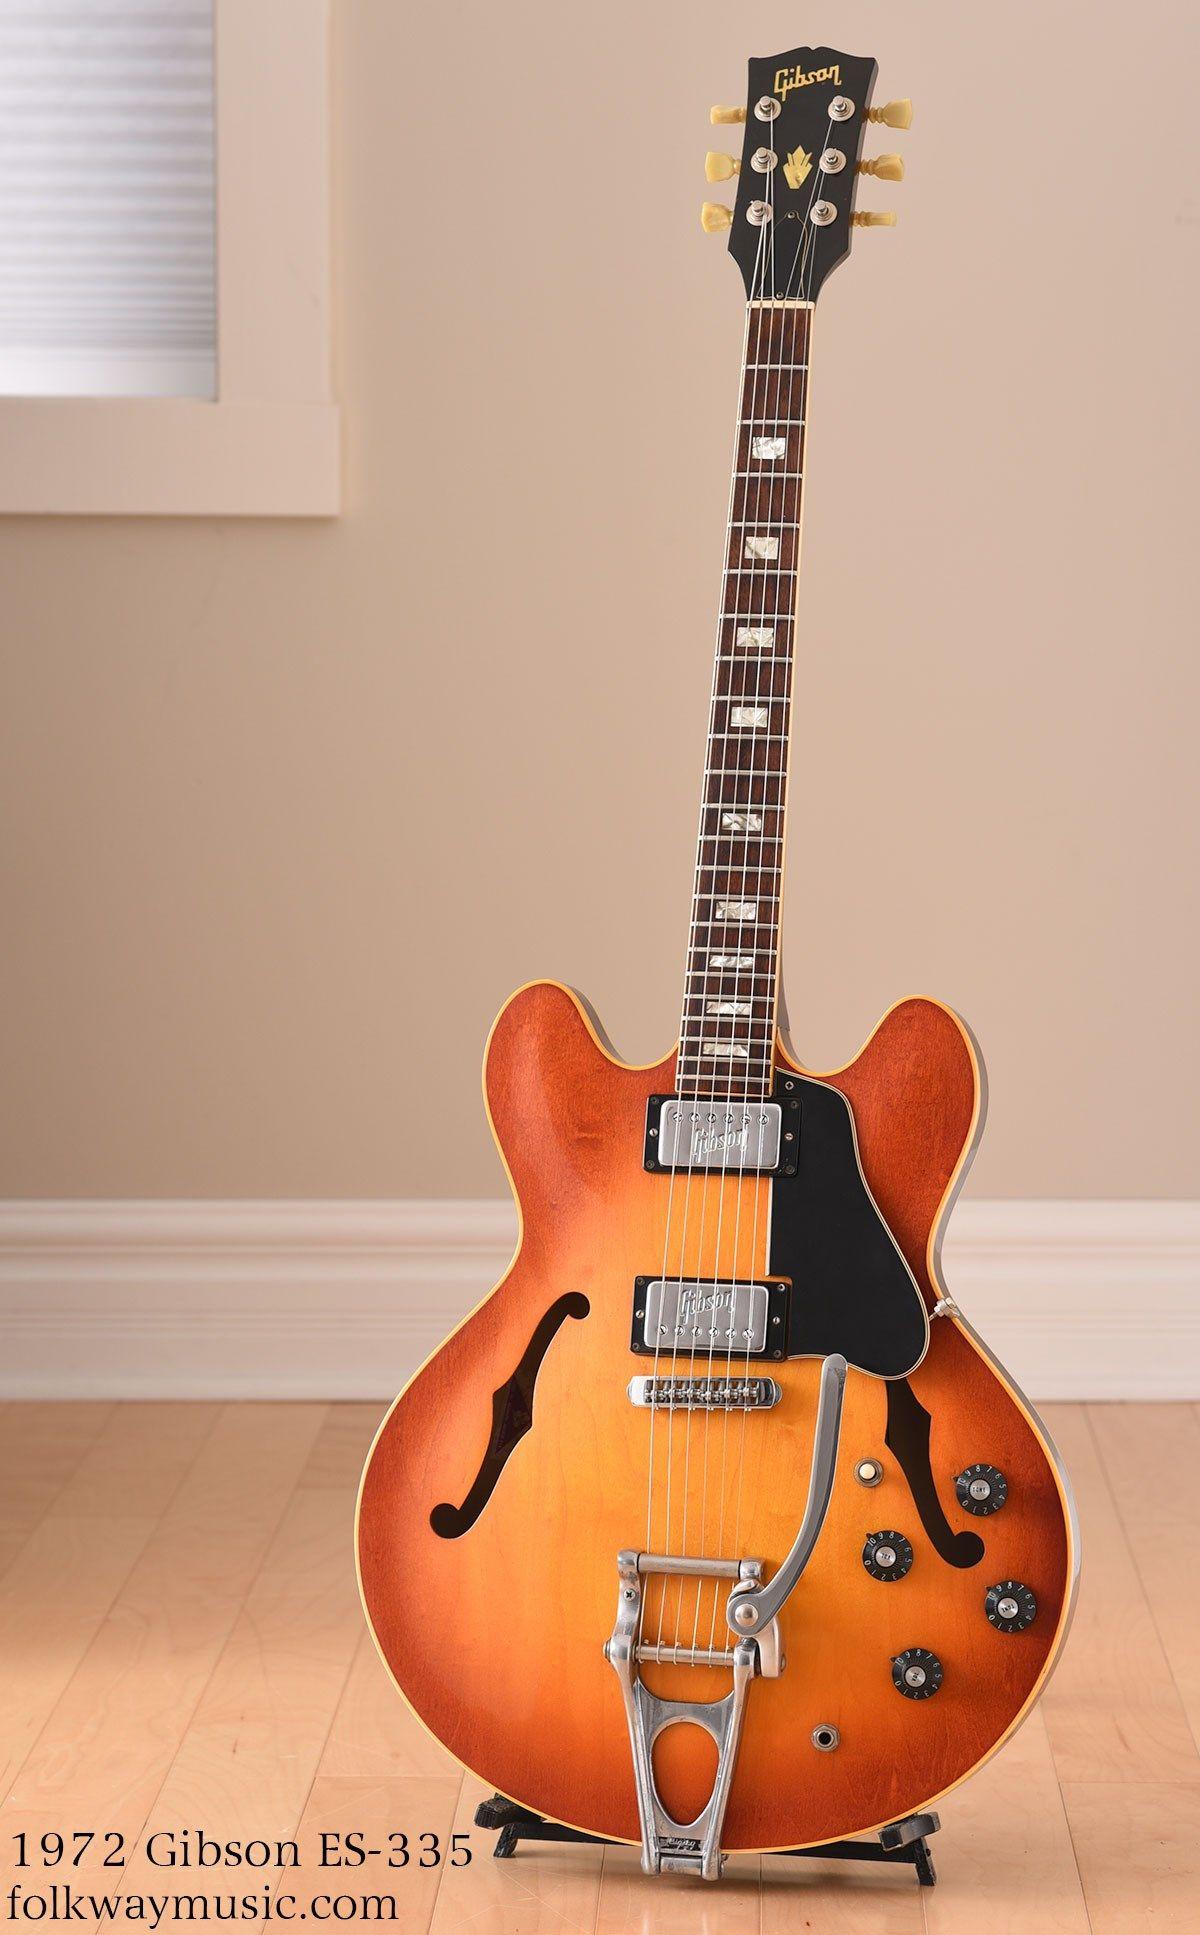 1972 Gibson ES-335 cherry sunburst-Excellent   Vintage guitar in